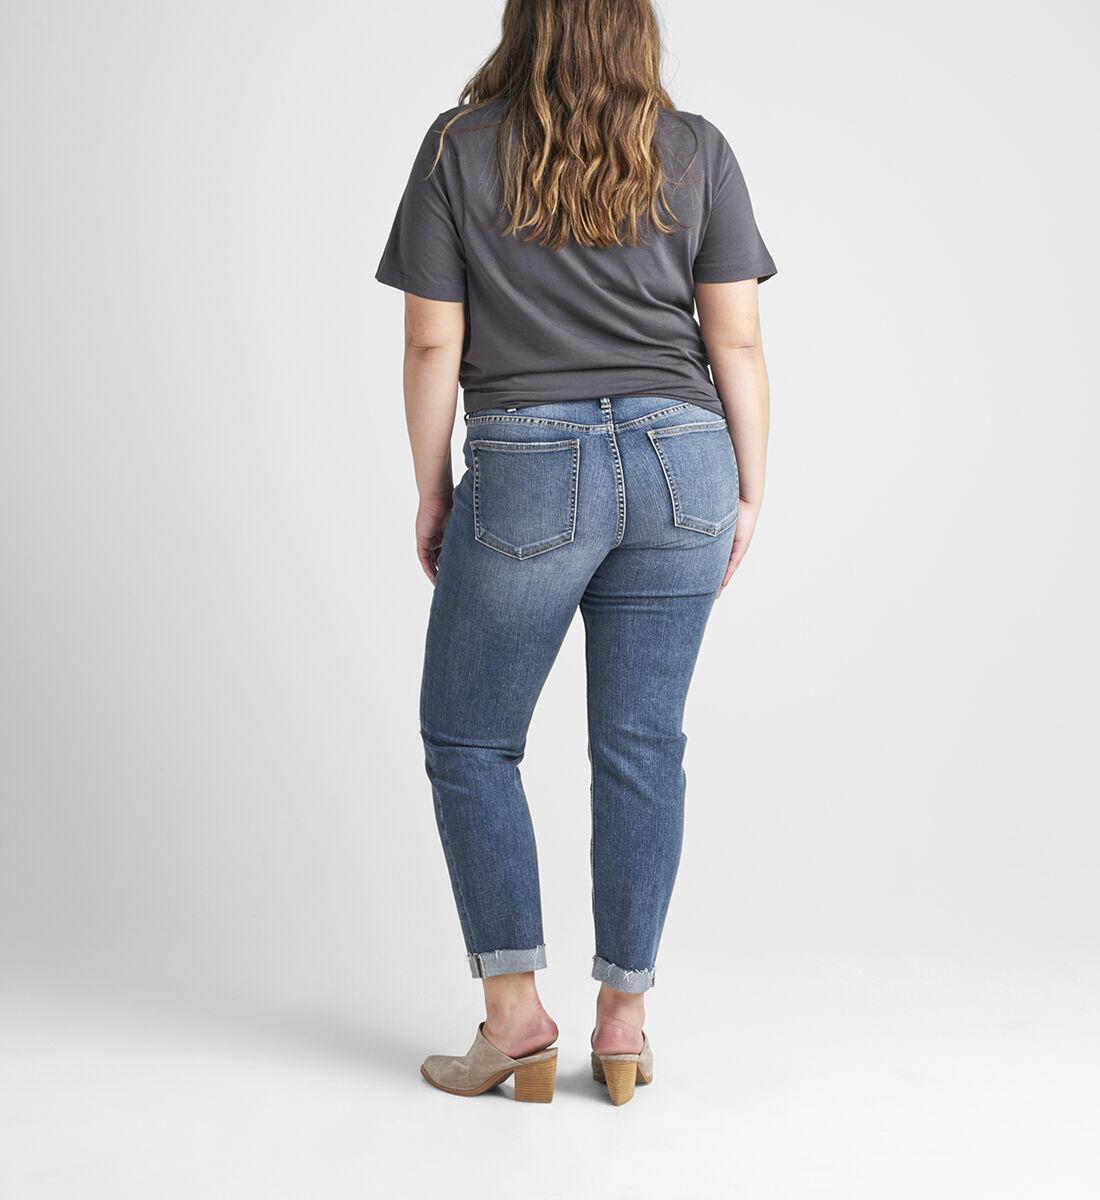 Beau Mid Rise Slim Leg Jeans Plus Size Back